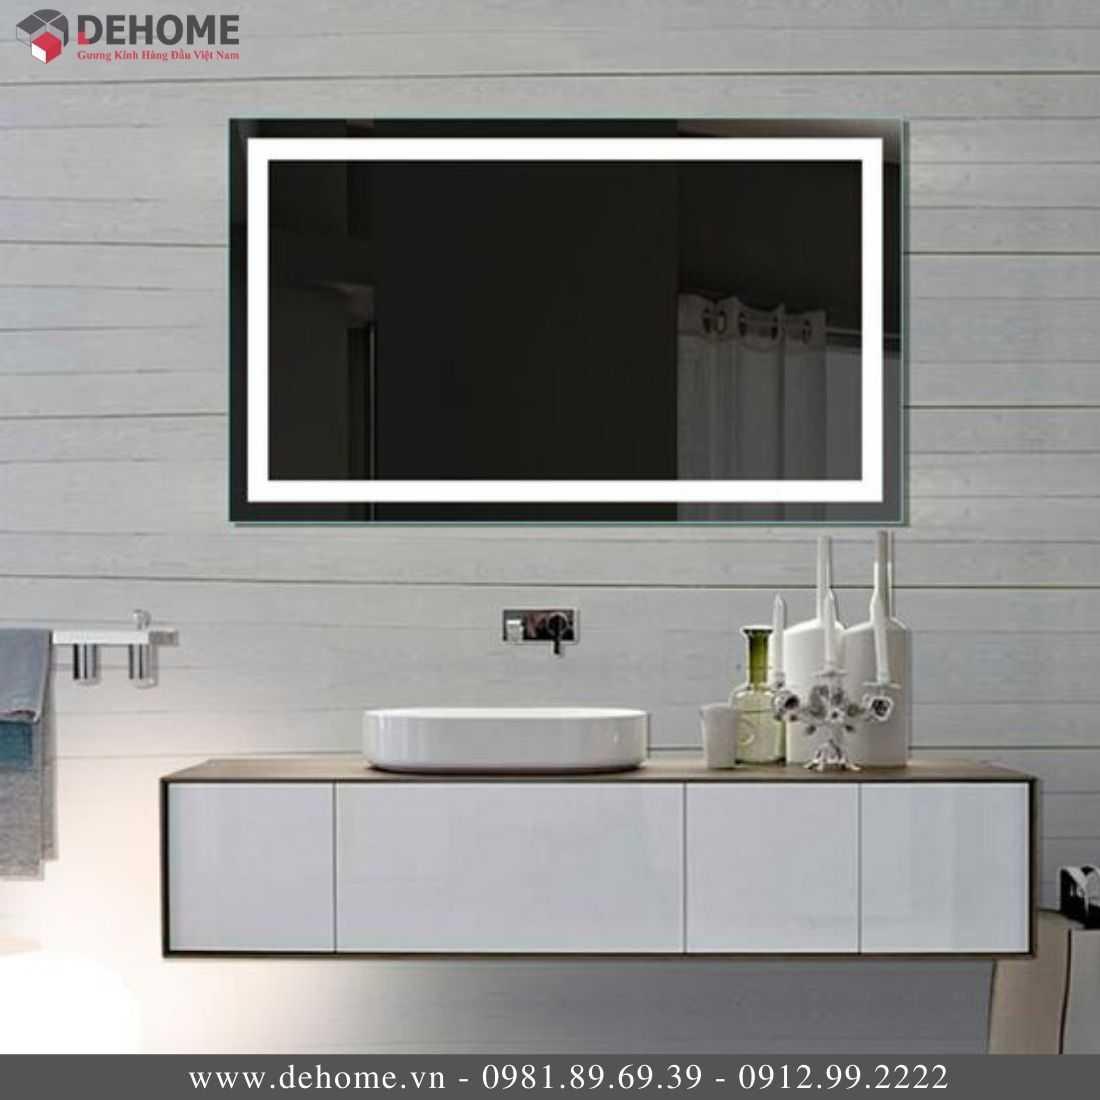 Gương Phòng Tắm Có Đèn LED Dehome DH12-02